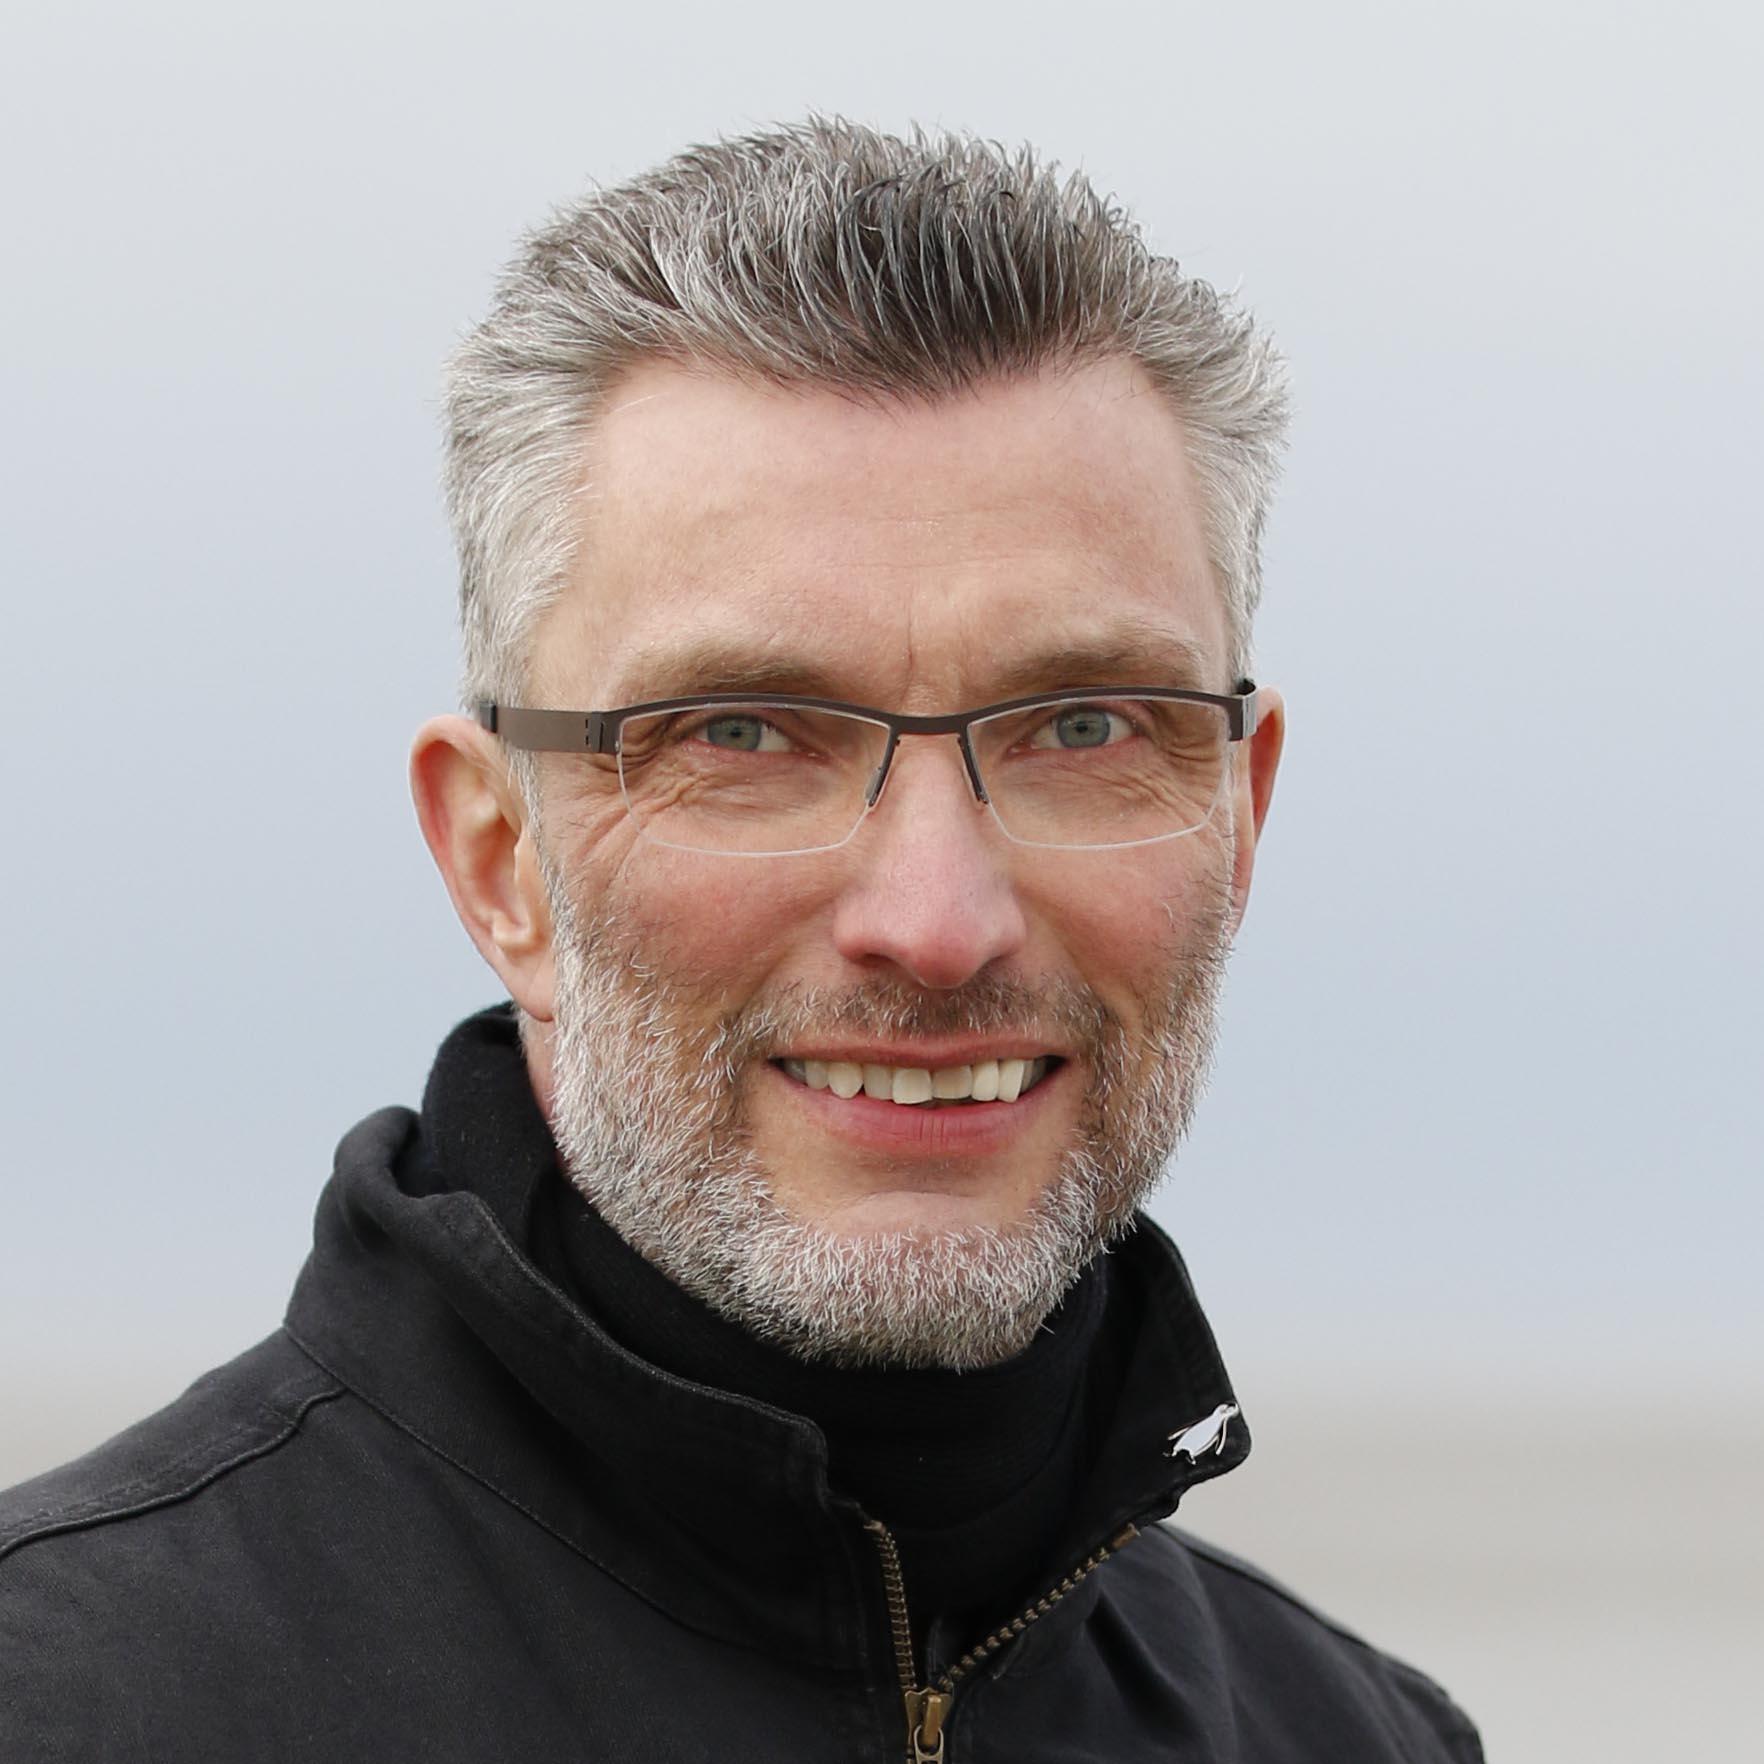 Markus Behr